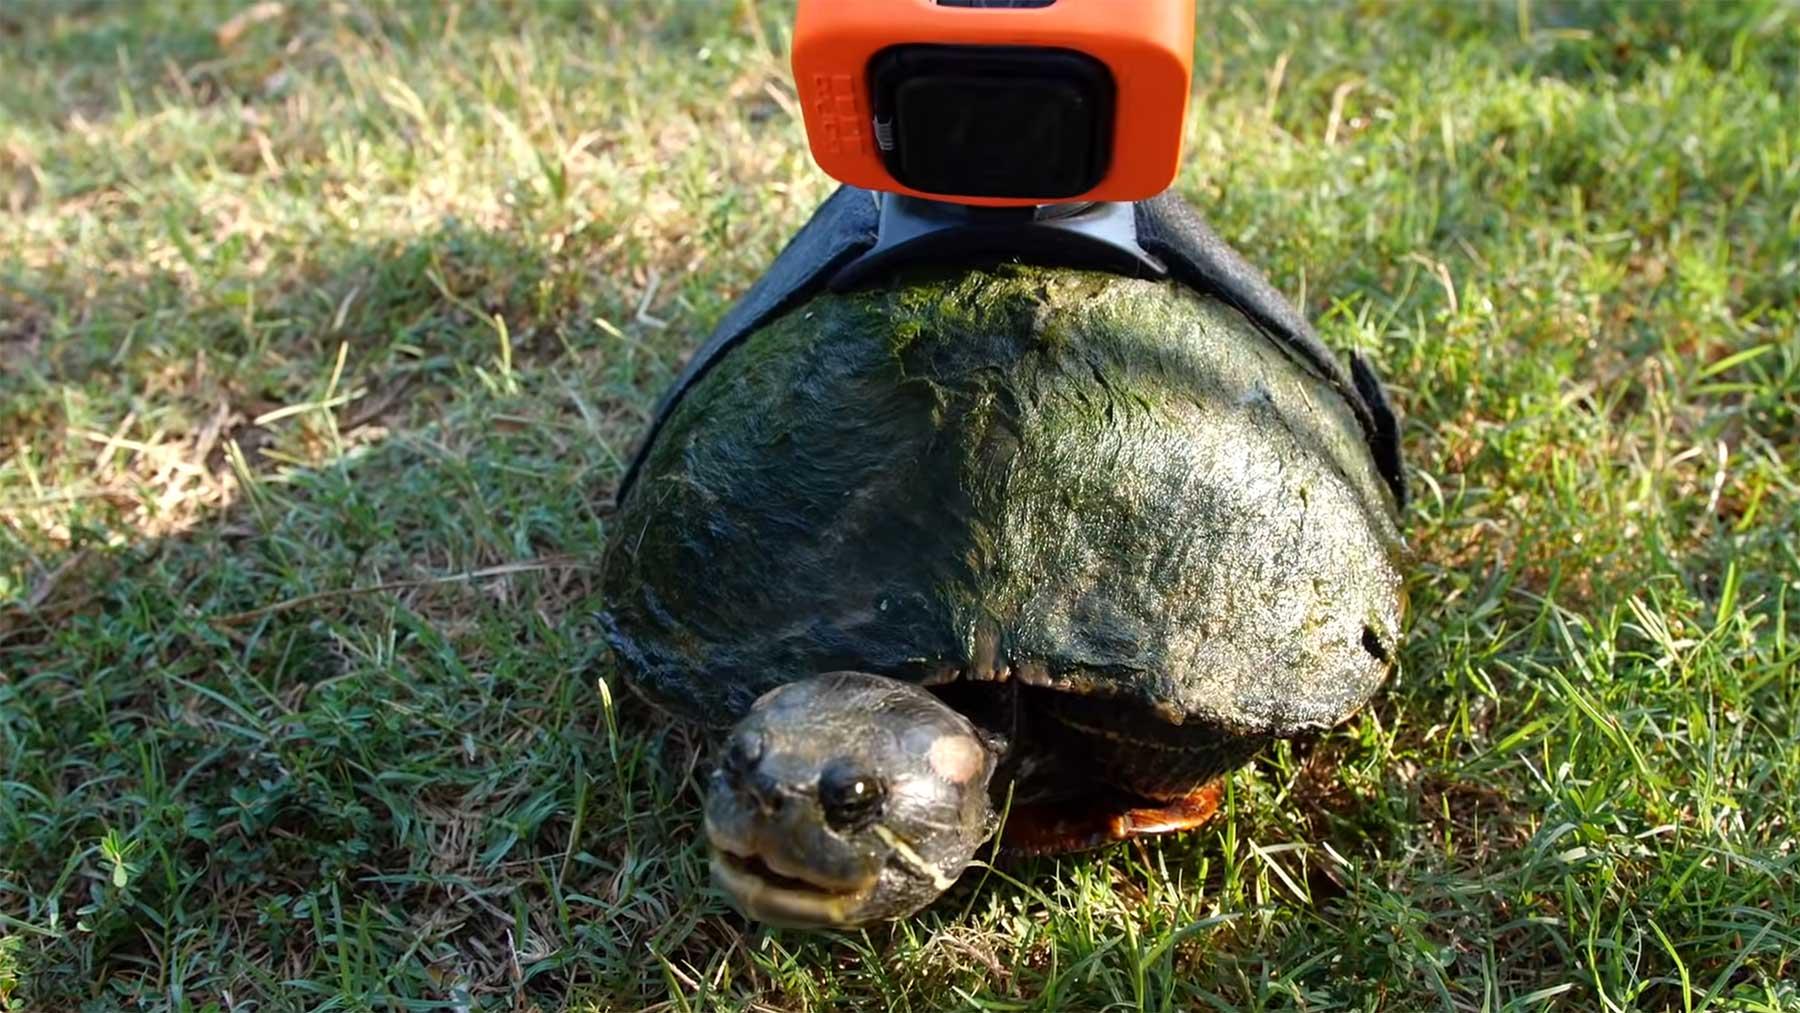 An Tag am Teich aus der Sicht einer Schildkröte